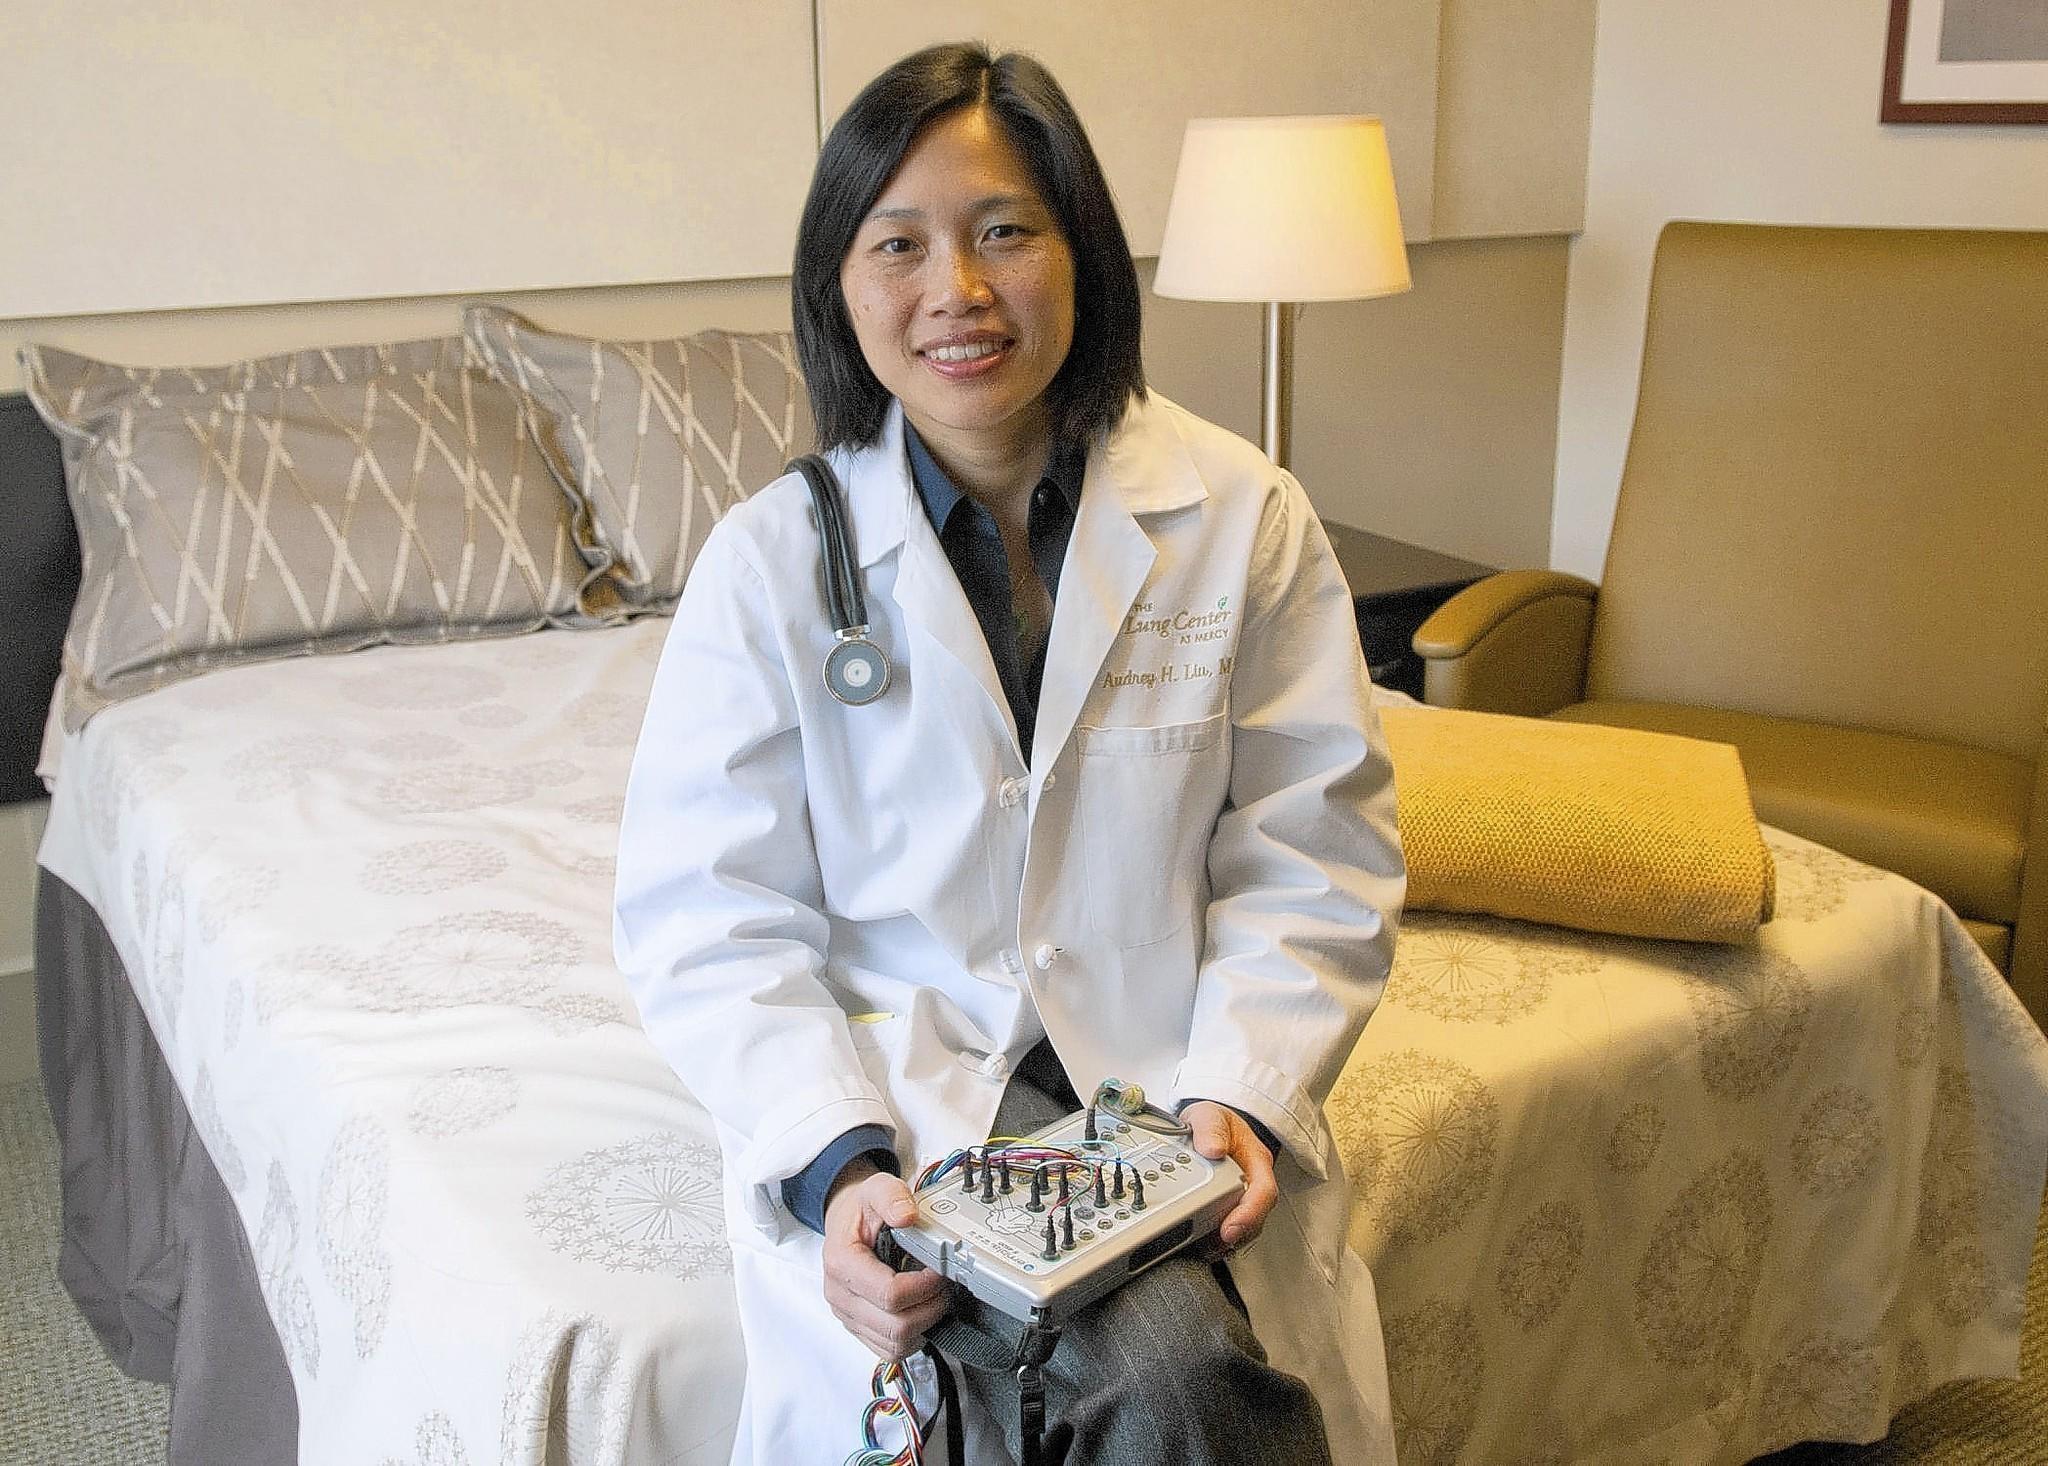 Dr. Audrey Liu